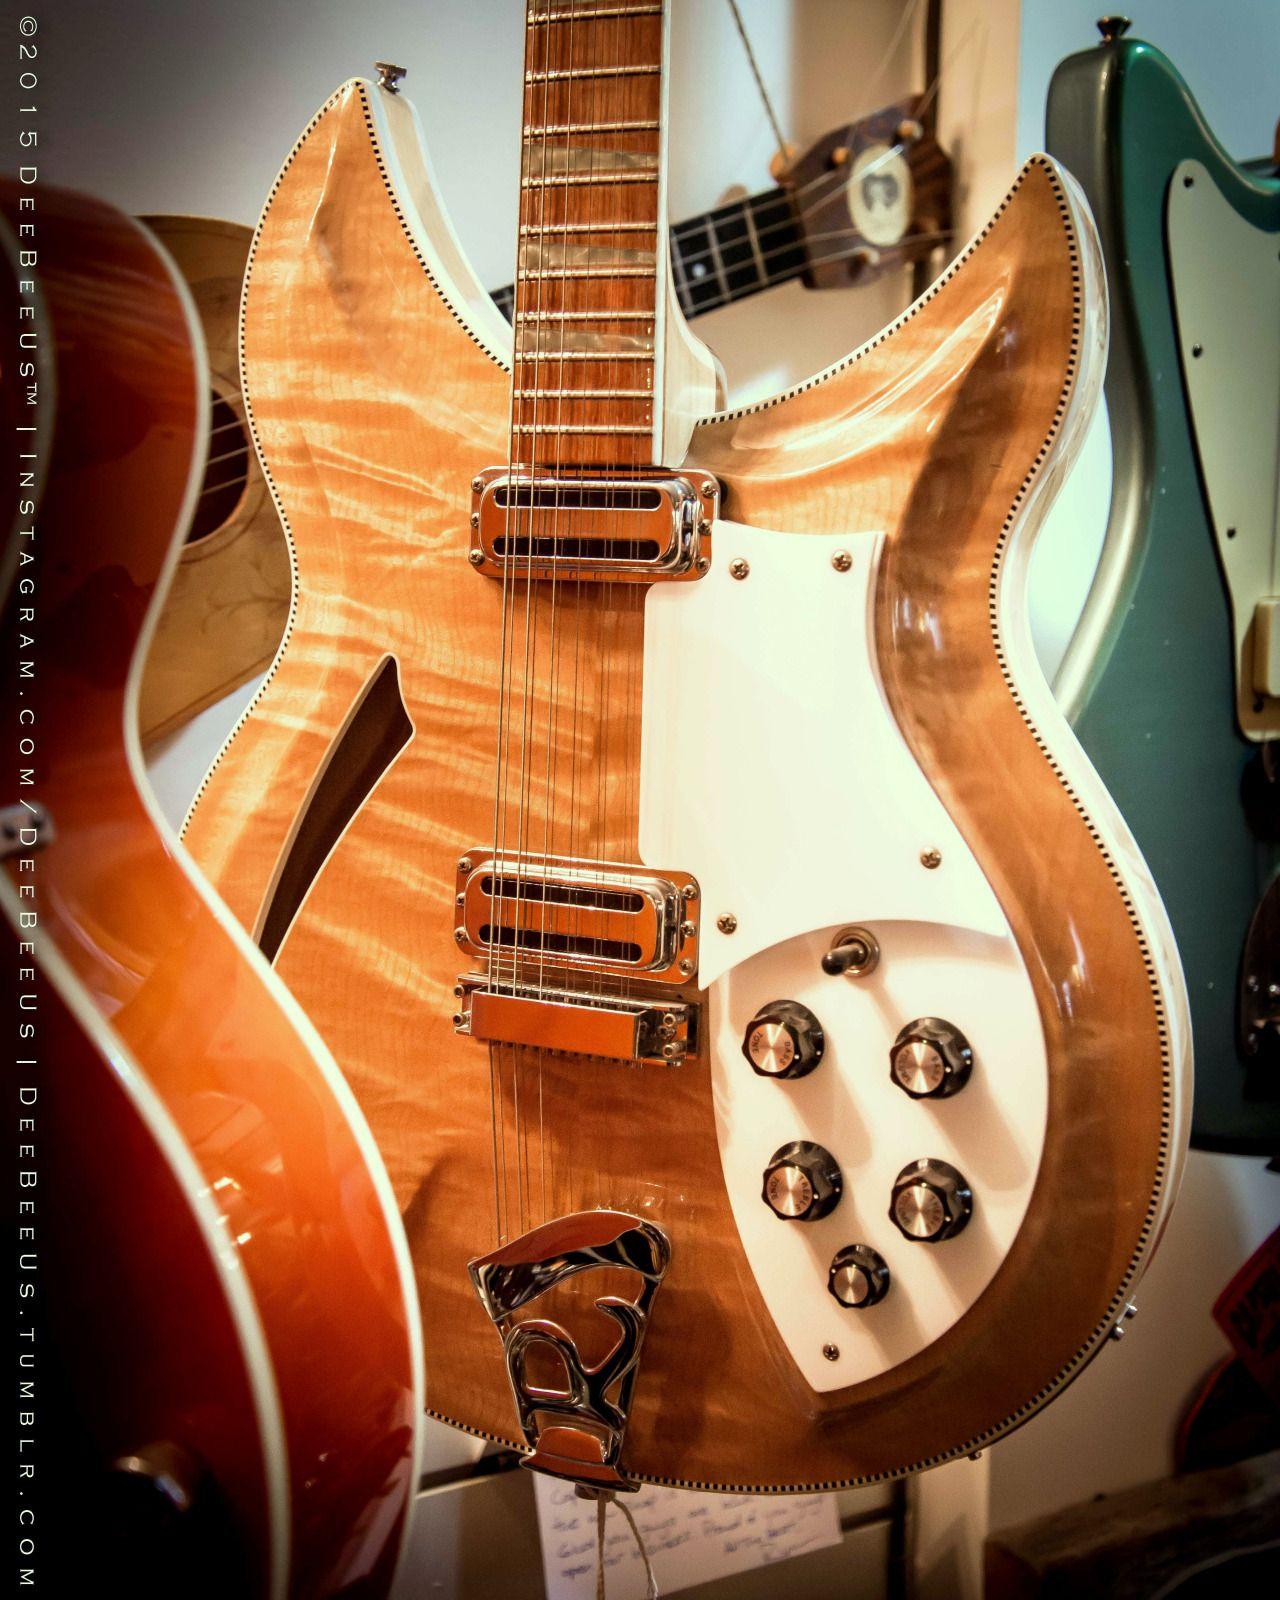 1999 Rickenbacker 381 At Capsule Music Toronto Deebeeus Beautiful Guitars Vintage Electric Guitars Cool Guitar